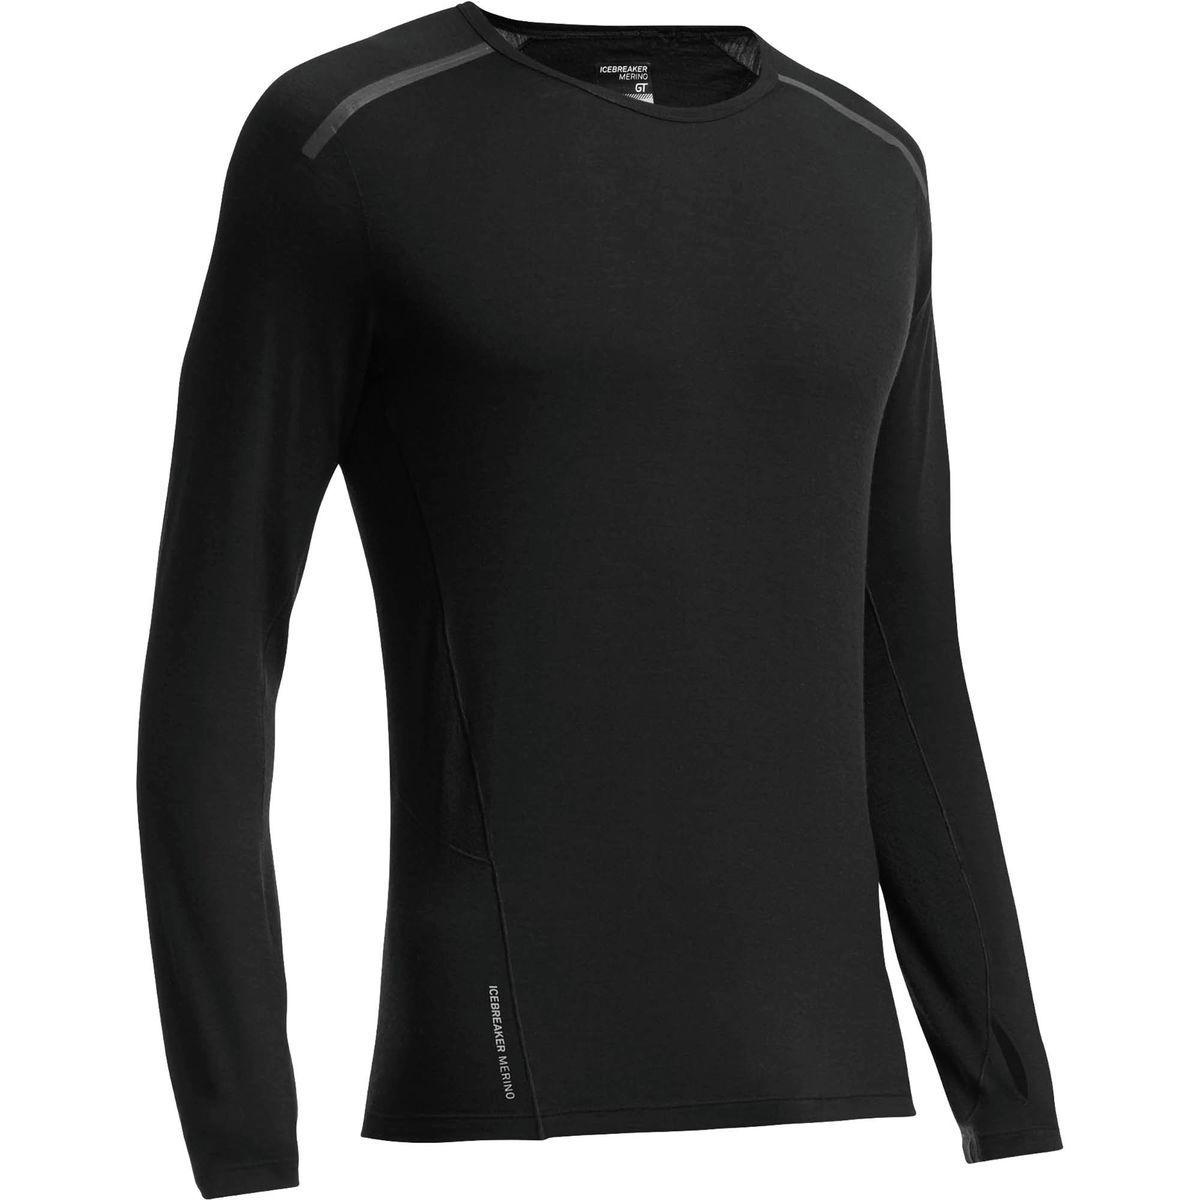 Icebreaker Comet Crew Shirt - Long-Sleeve - Men